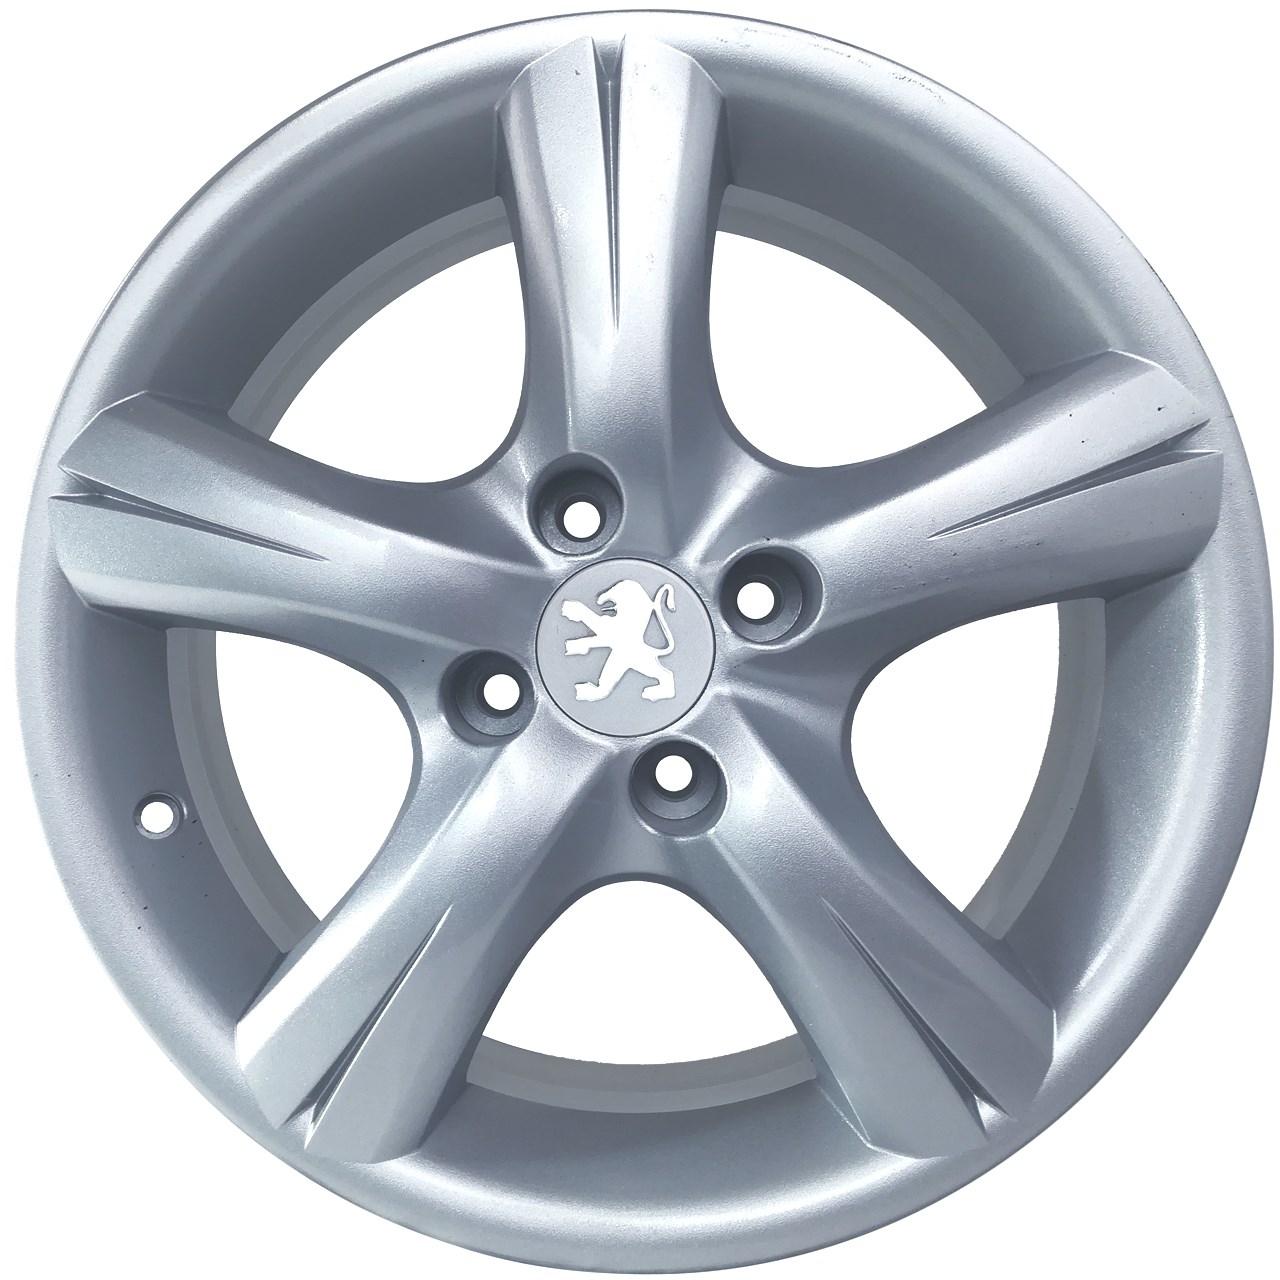 رینگ آلومینیومی چرخ مدل دانگ فنگ سایز 16 اینچ